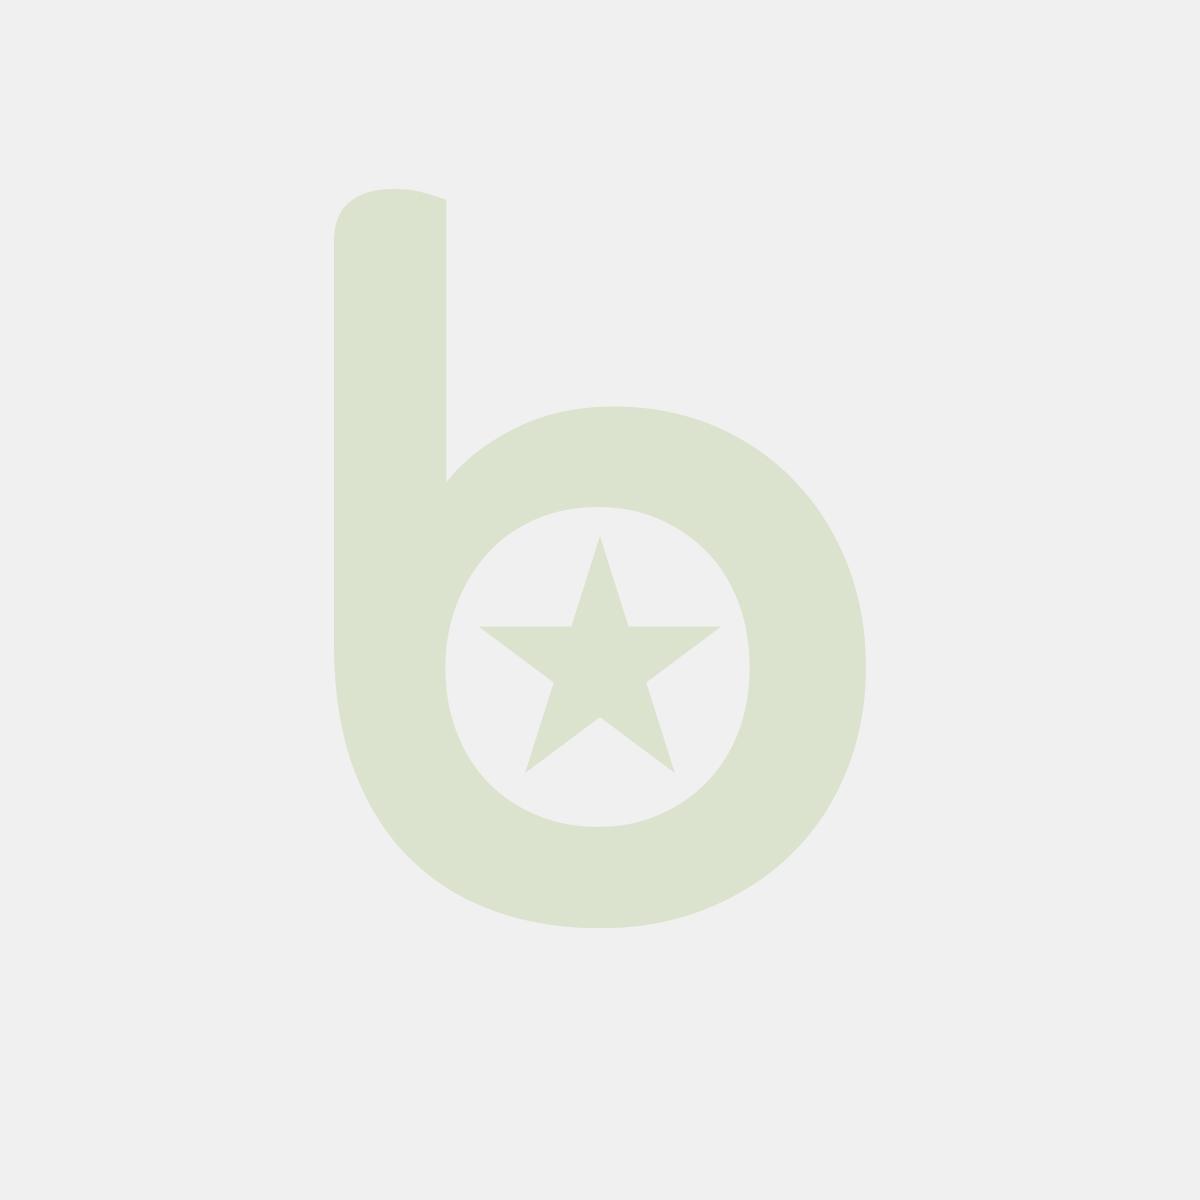 FINGERFOOD - kubek 200ml PS 7x7,2x7,2cm transparentny op. 20 sztuk